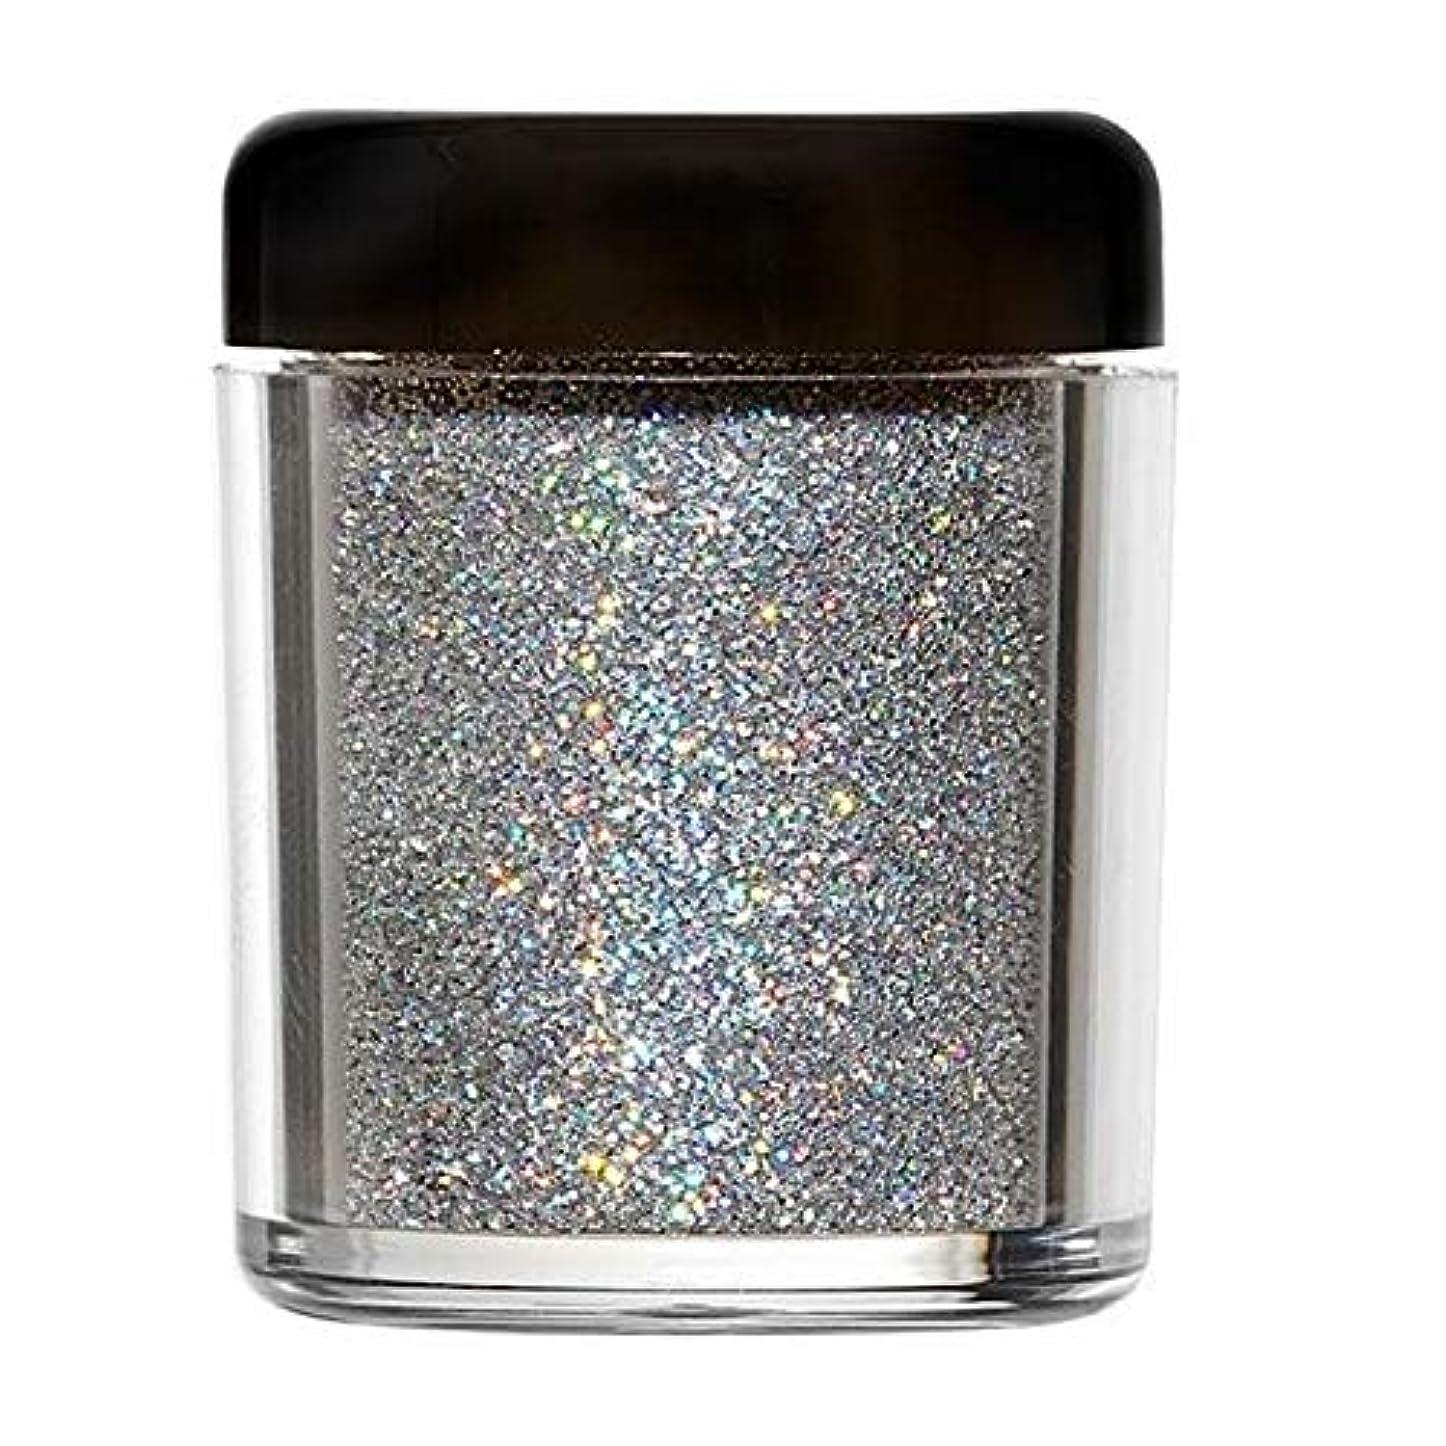 更新するテセウス運命的な[Barry M ] バリーメートルのグリッターラッシュボディの輝き - ムーンストーン - Barry M Glitter Rush Body Glitter - Moonstone [並行輸入品]